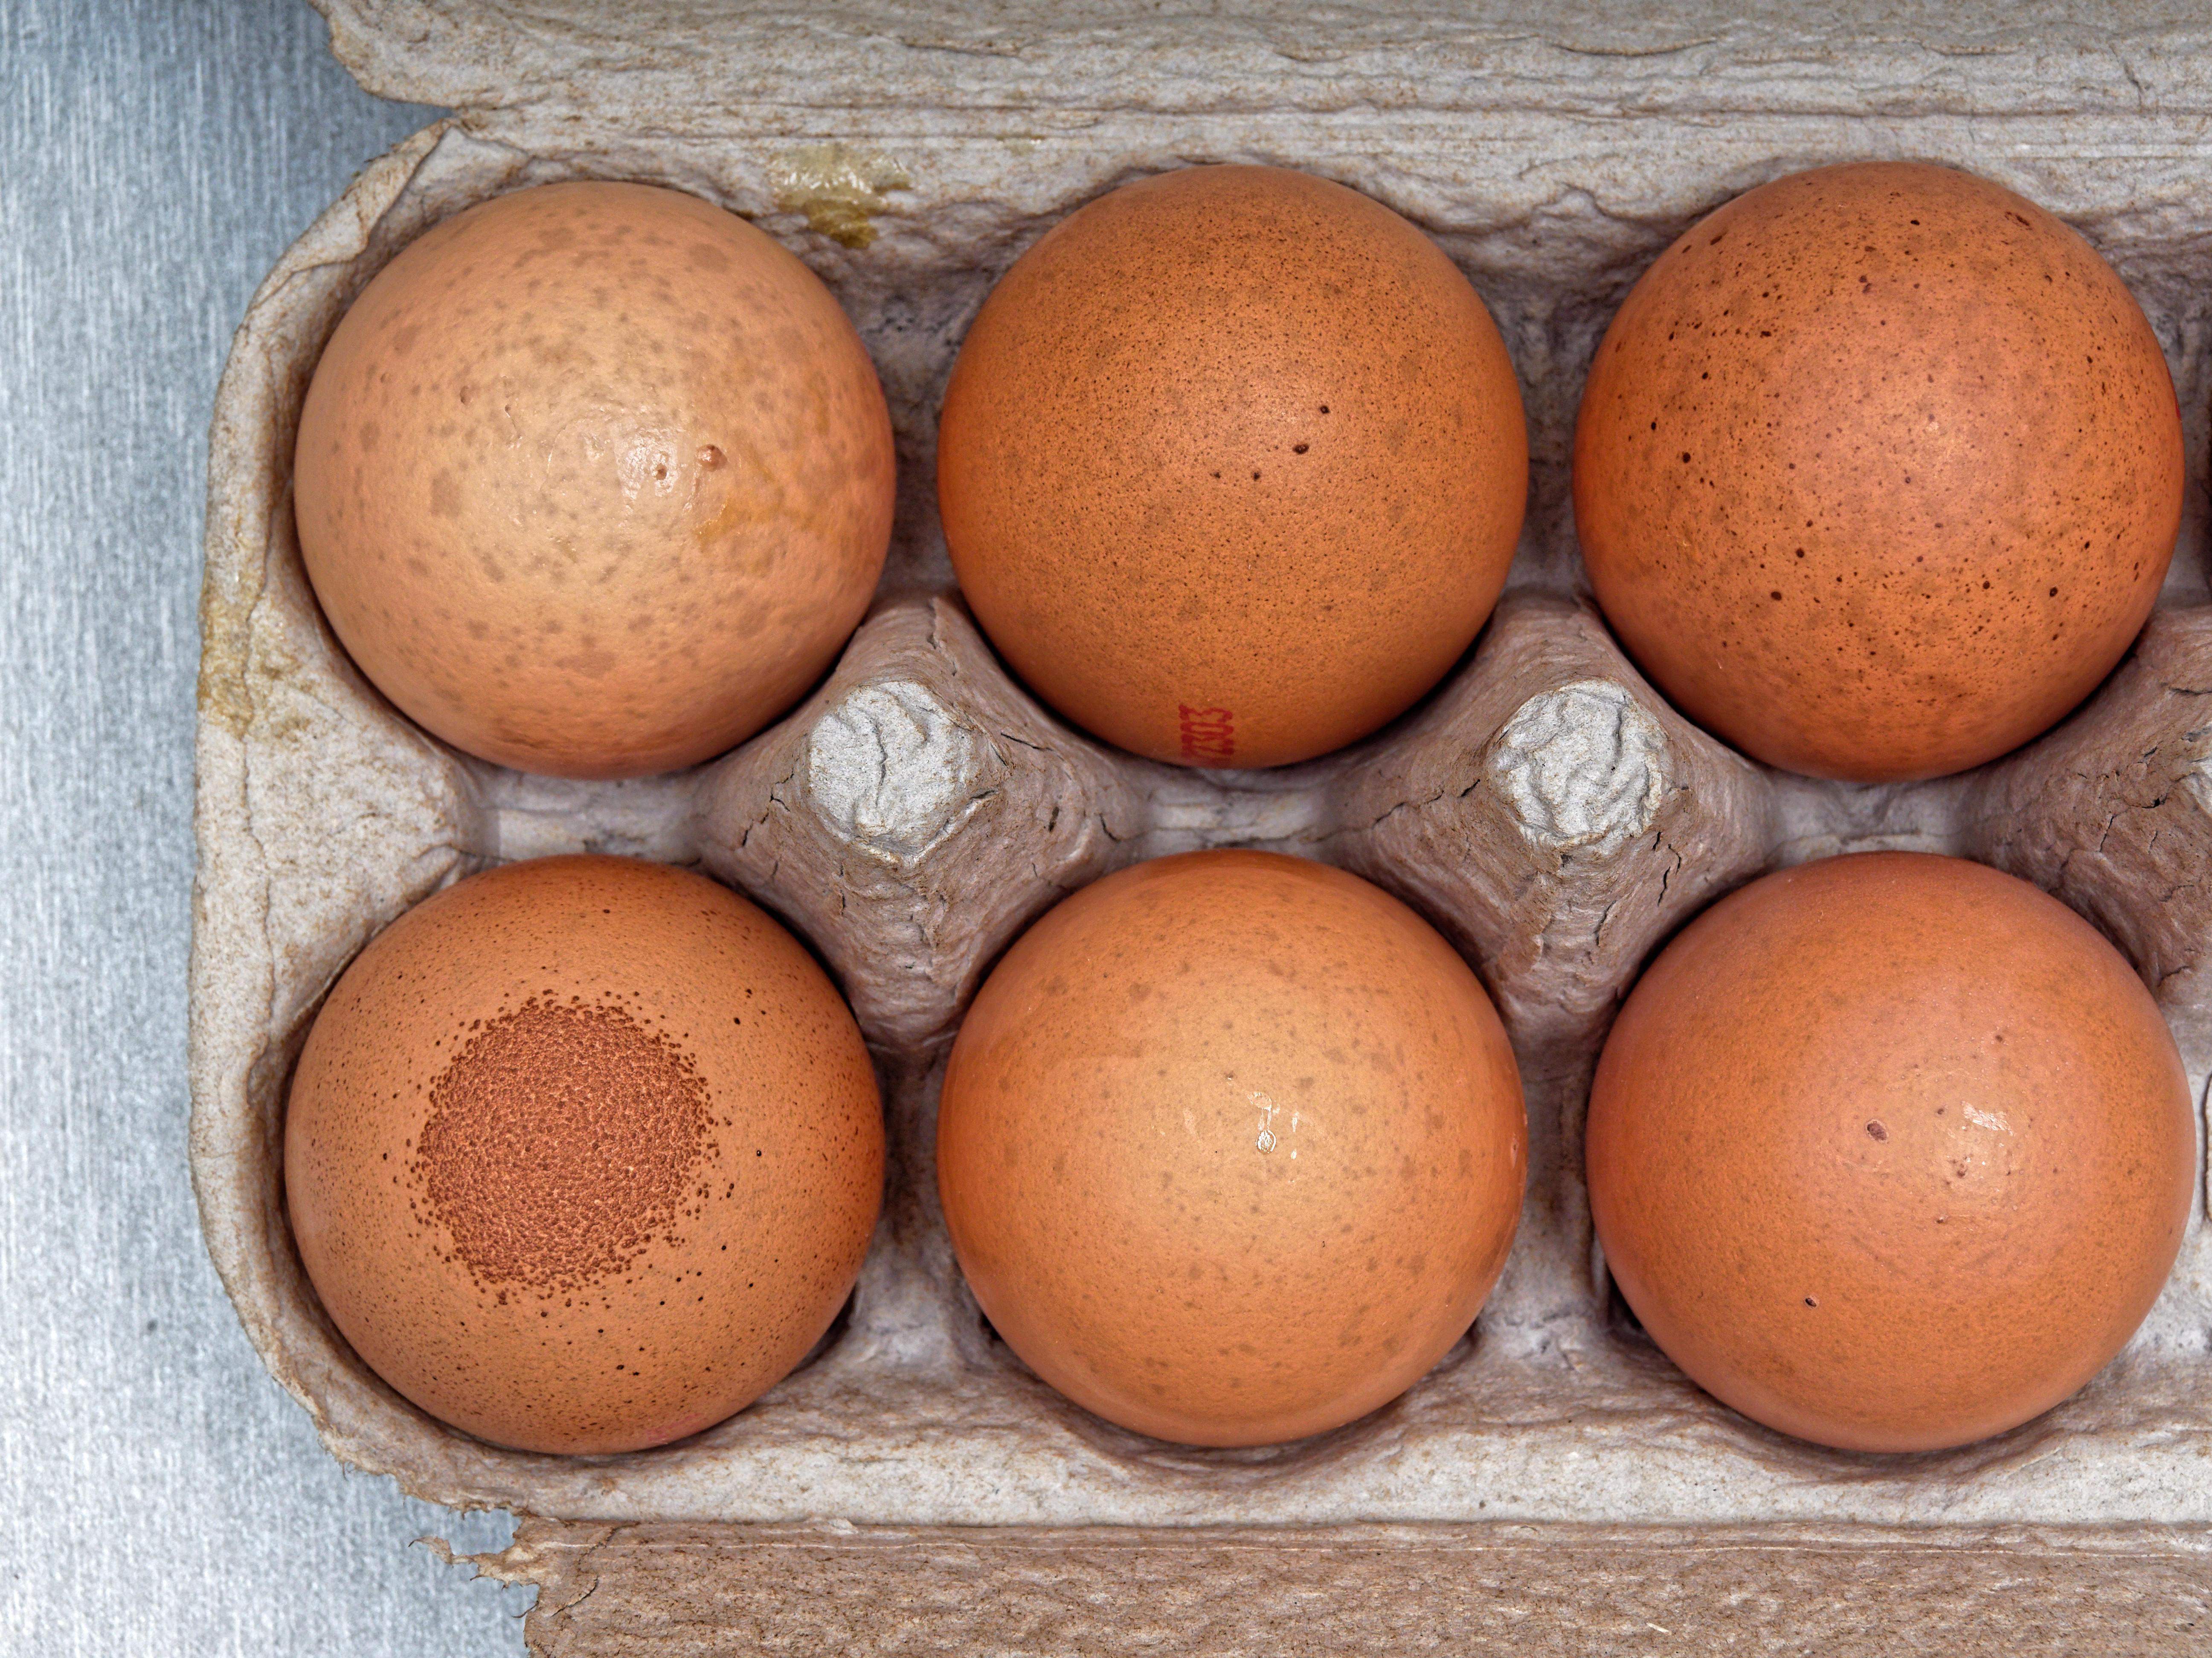 Speckled-egg-2.jpeg